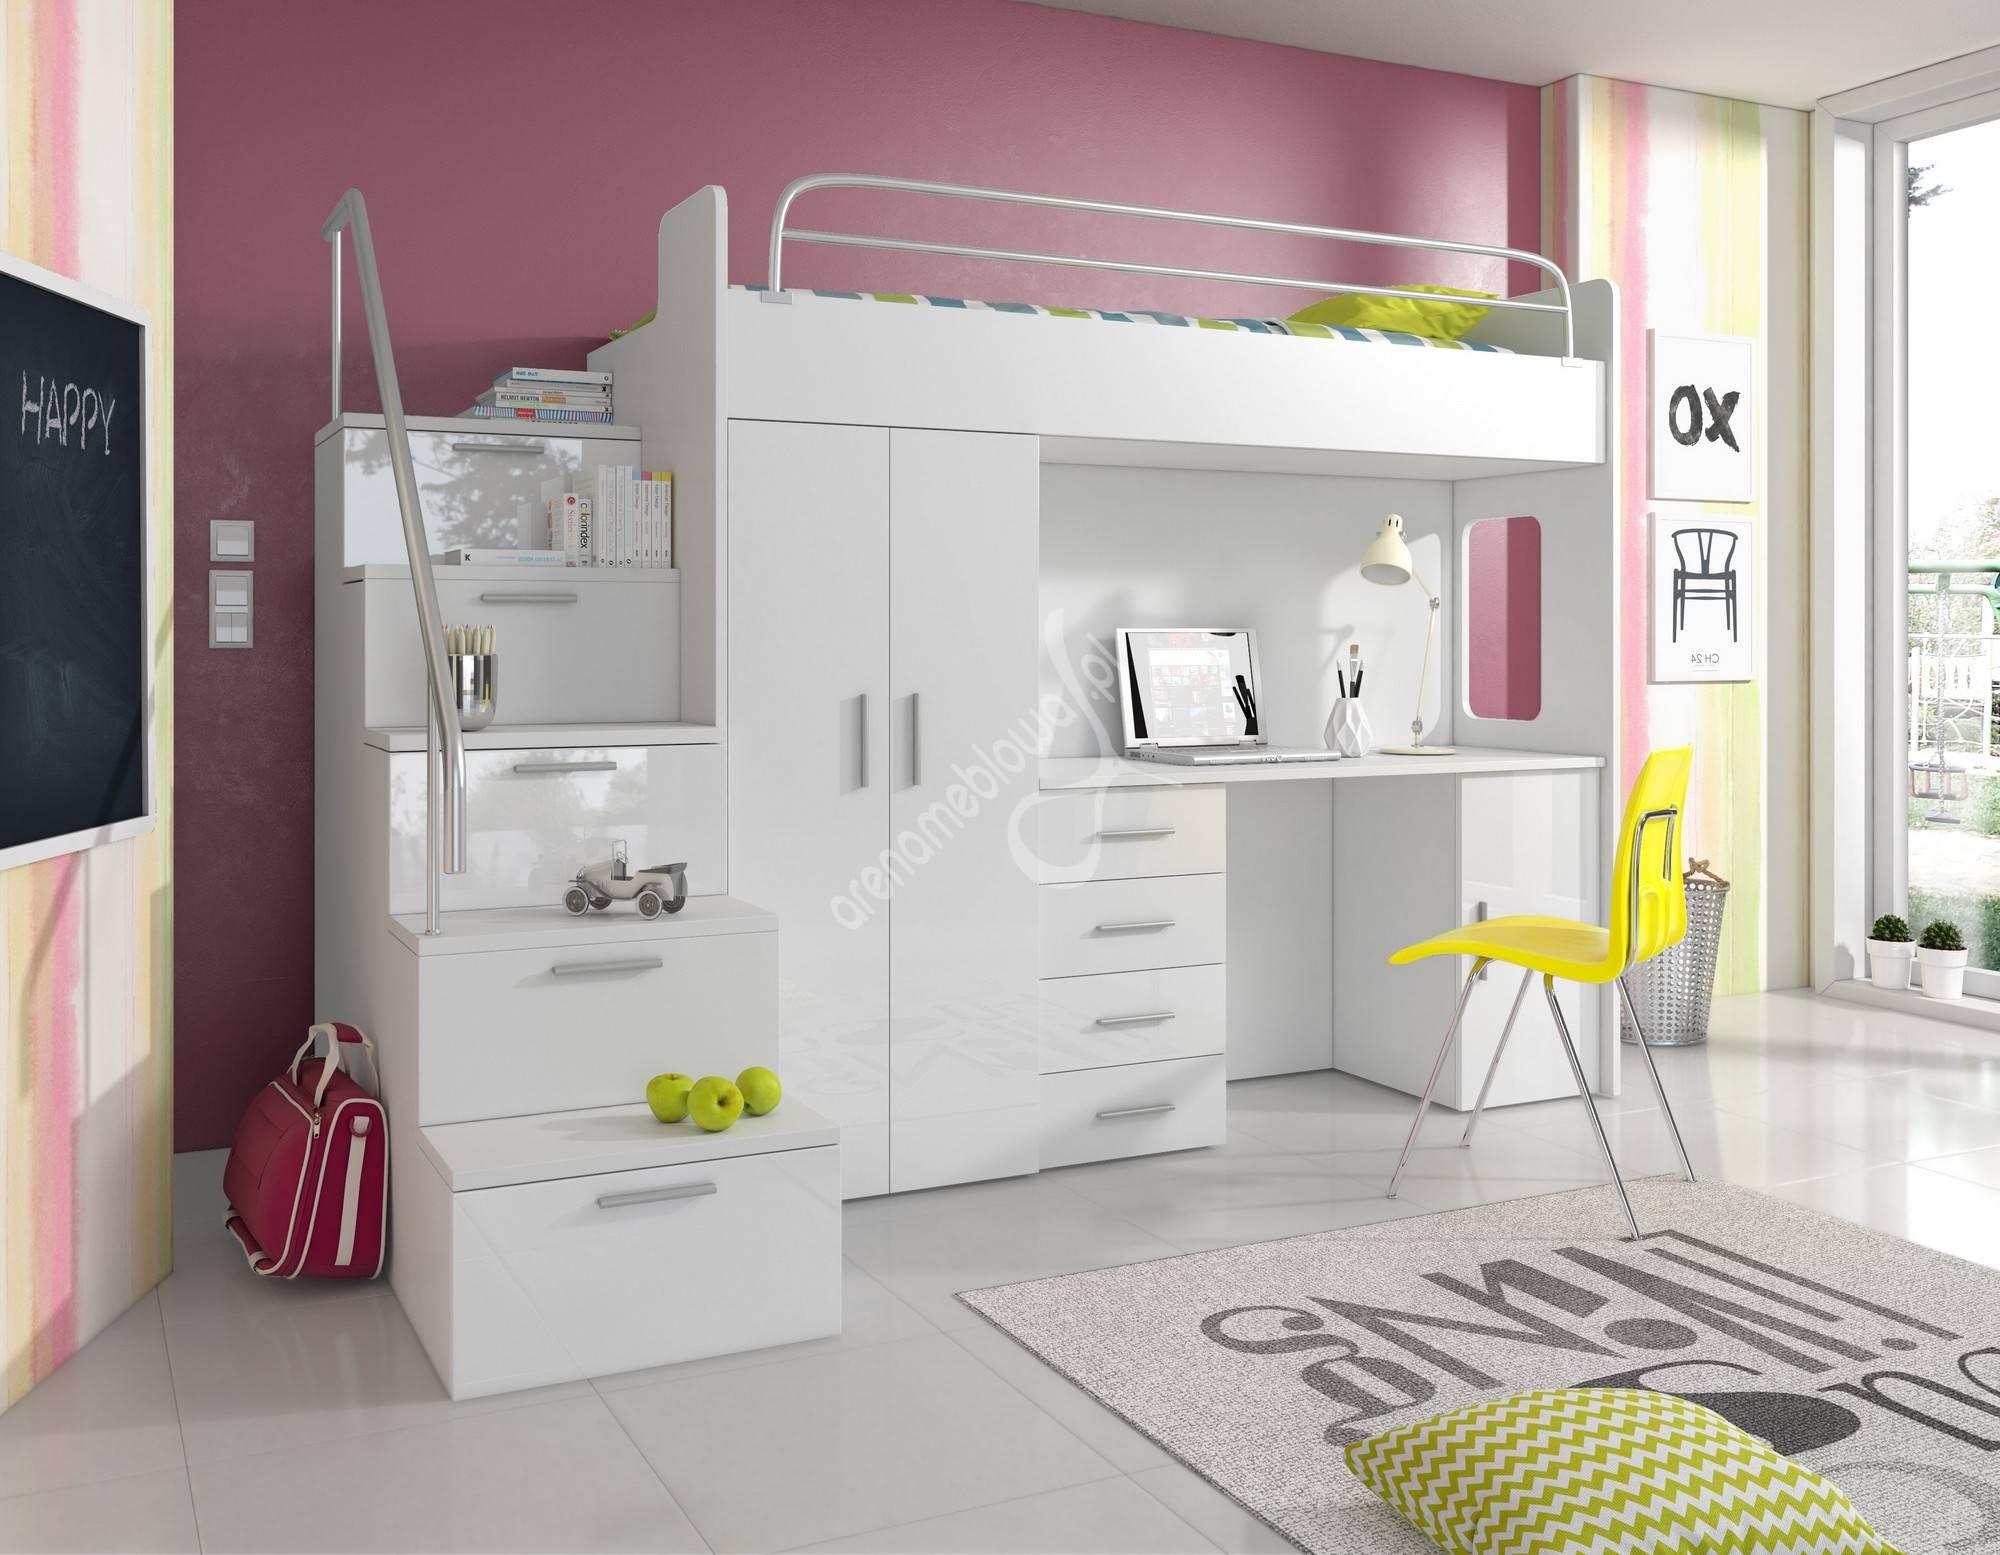 łóżko Piętrowe Colors 4s Materac Antresola łóżka Pojedyncze I Piętrowe A